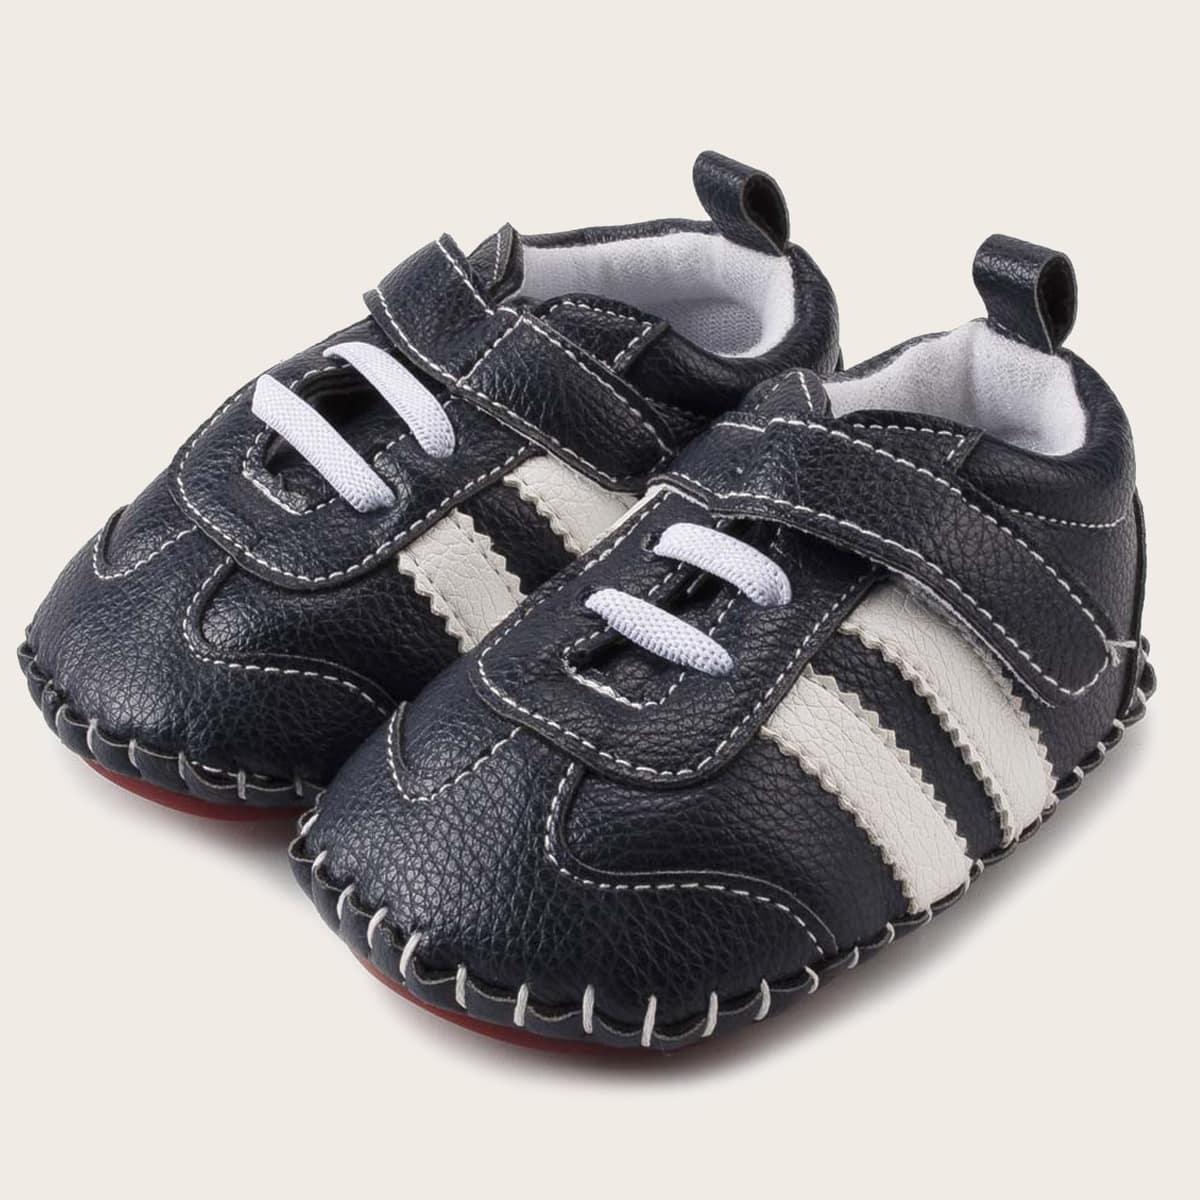 shein Gestreepte sneakers met klittenband voor babymeisjes